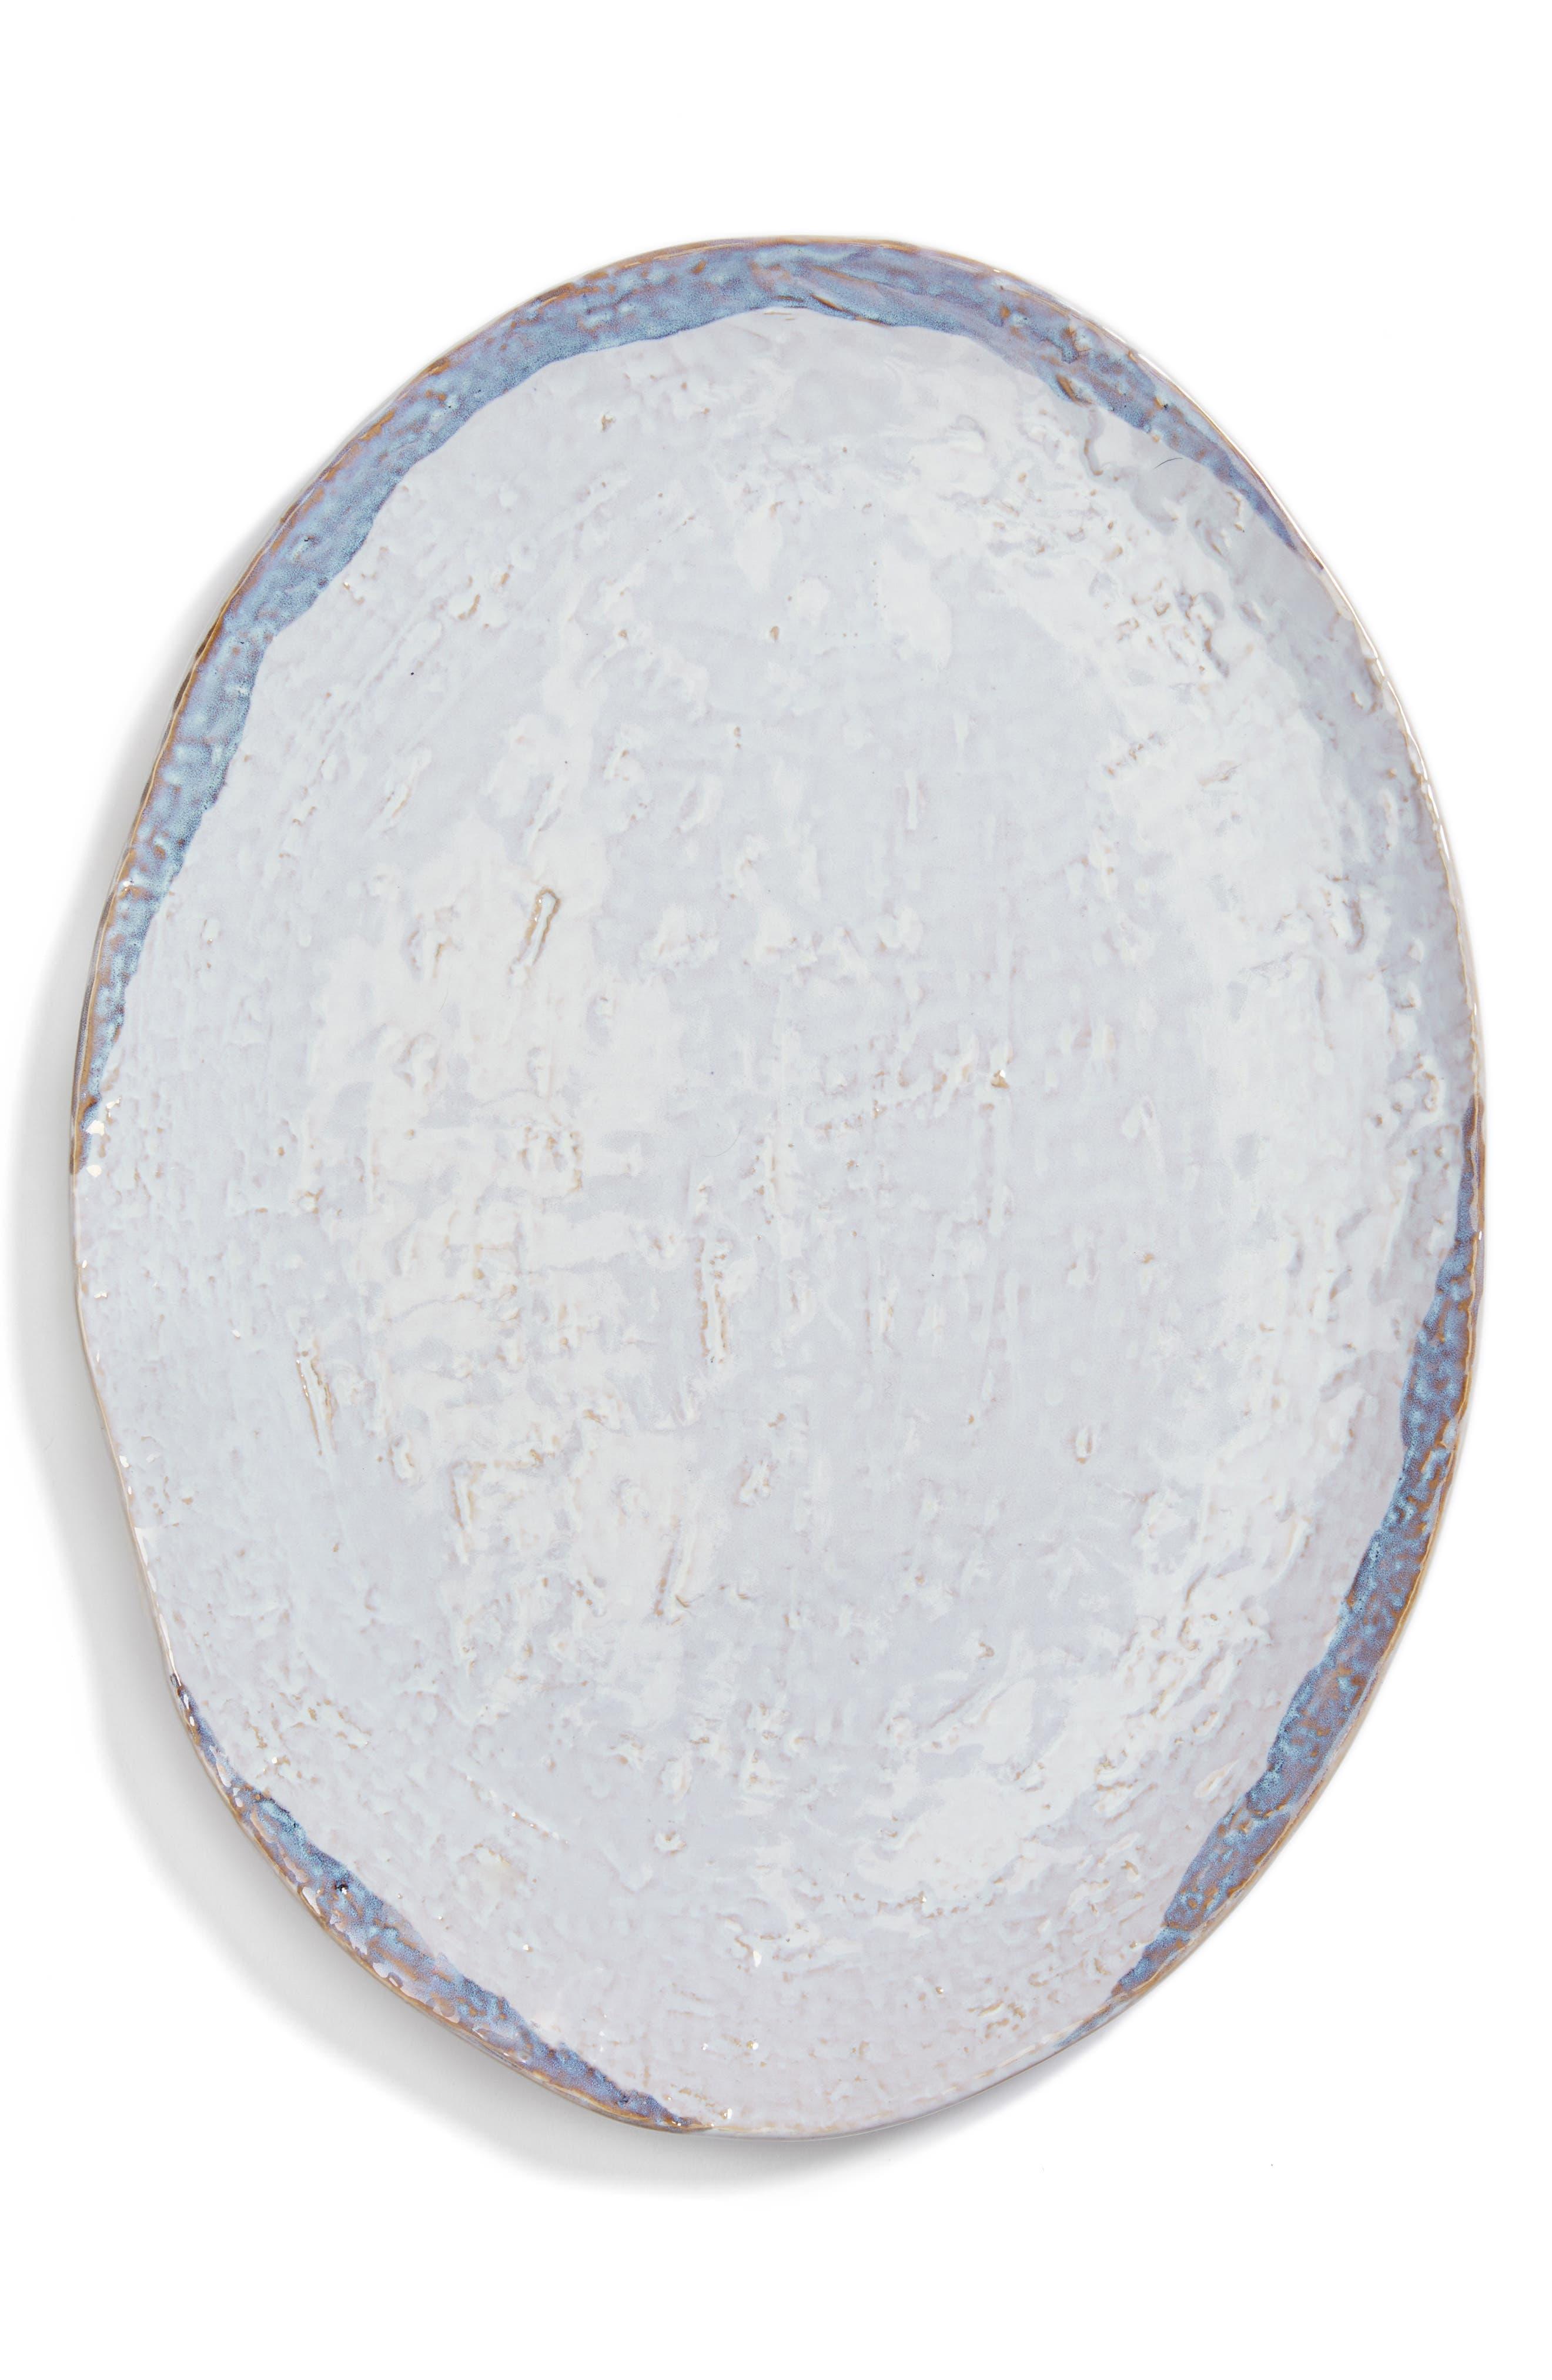 Watercolor Ceramic Serving Plate,                             Main thumbnail 1, color,                             900